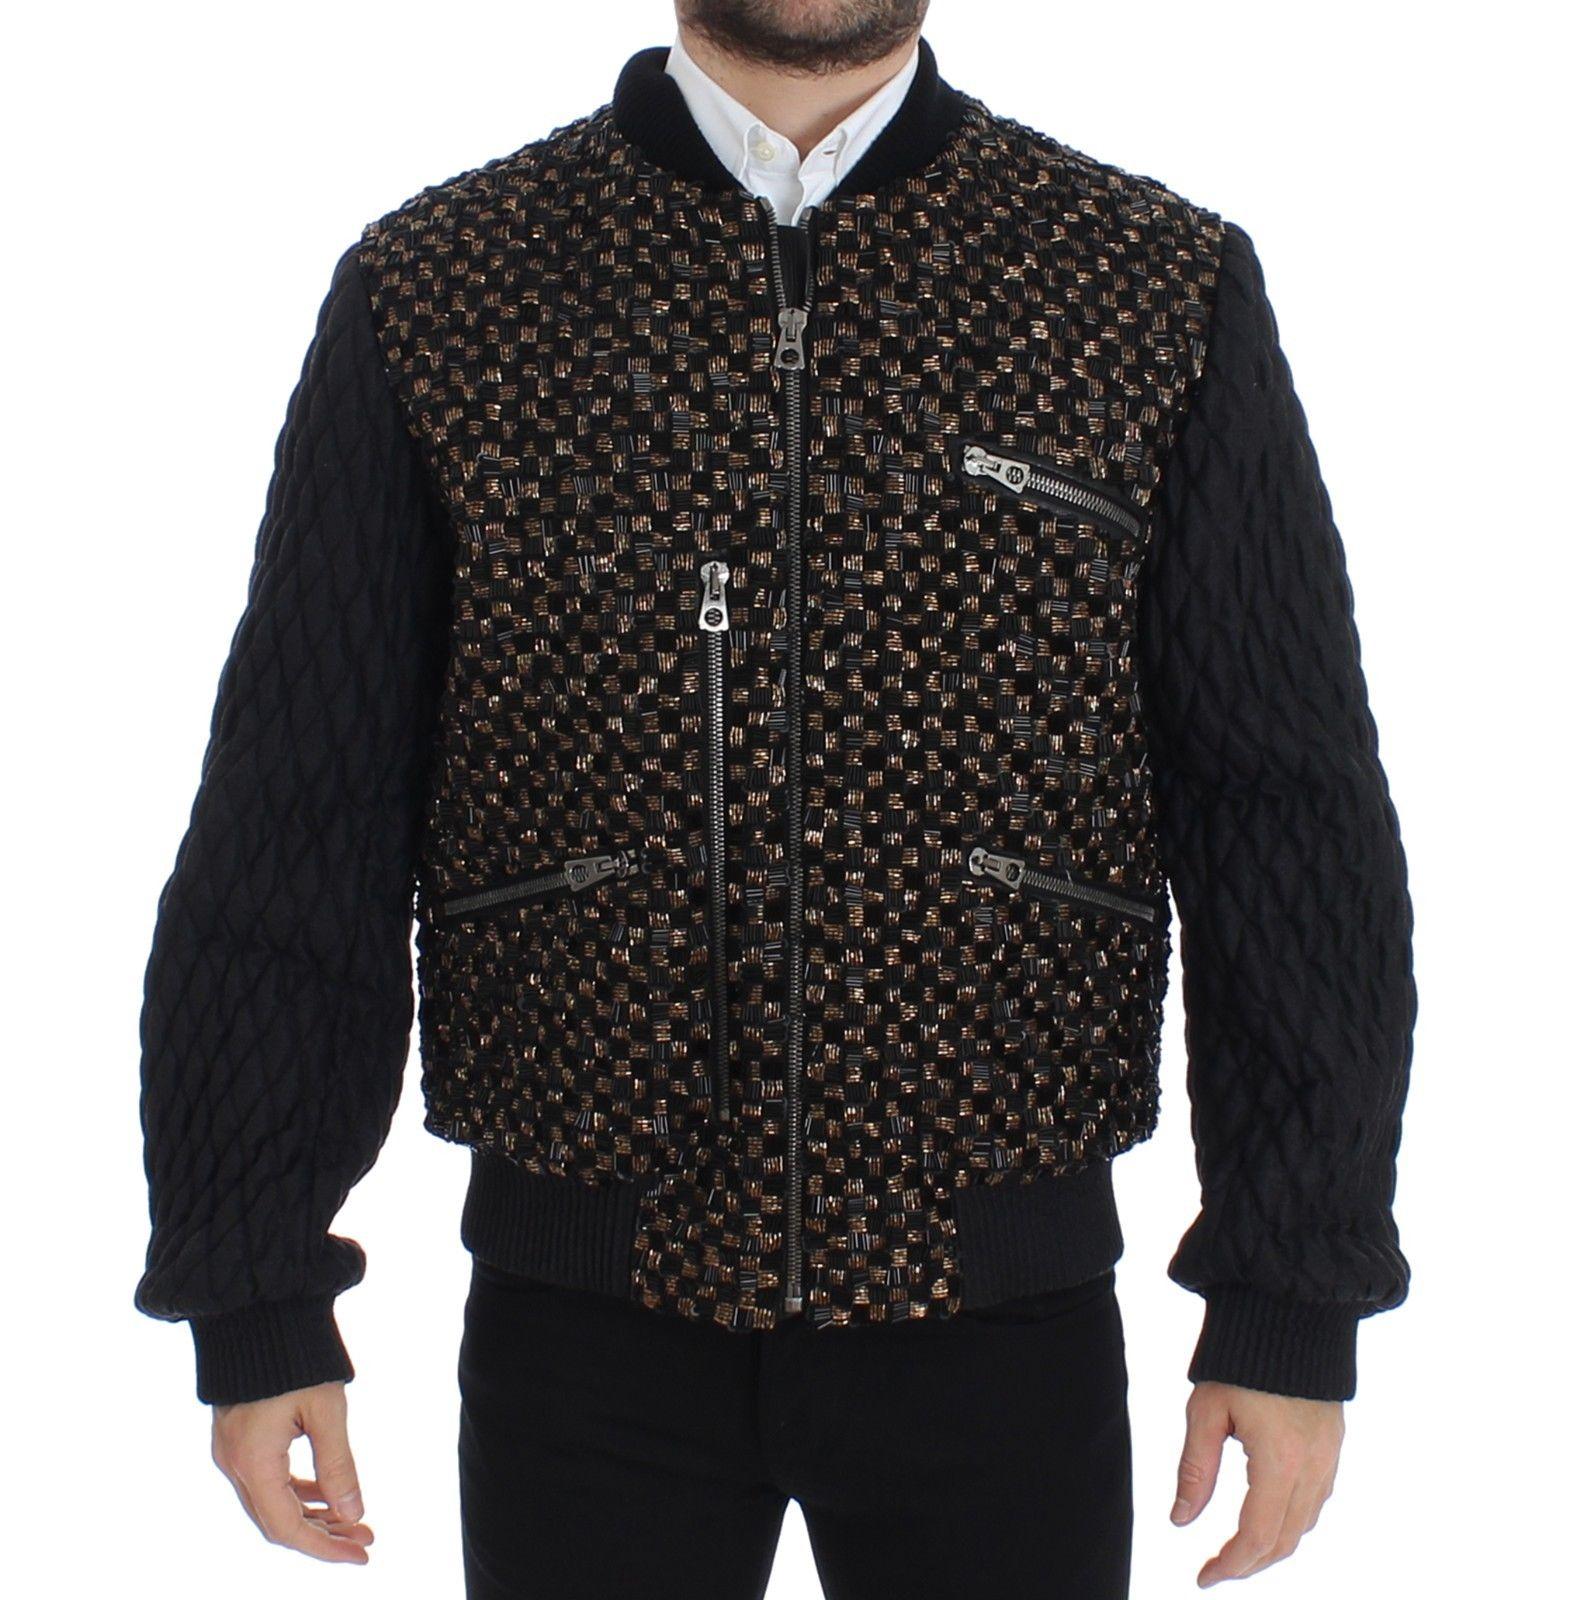 Dolce & Gabbana Men's Sequined Goatskin Jacket Black SIG12189 - IT48 | M